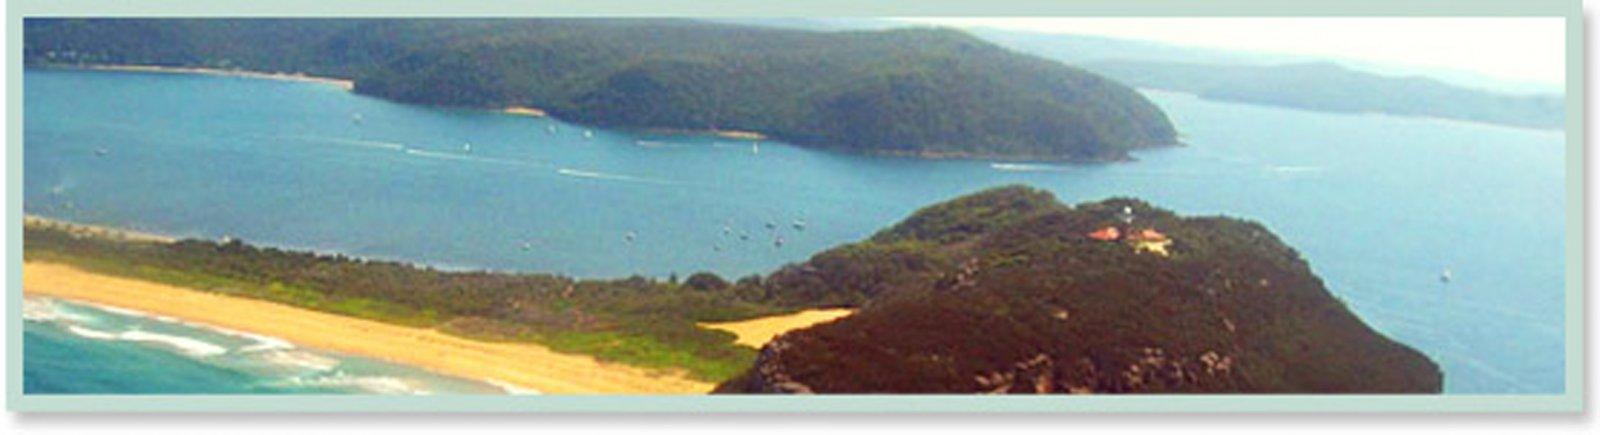 Tур 19. На яхте по заливам северной части Сиднея, национального парка Куринга Чейс